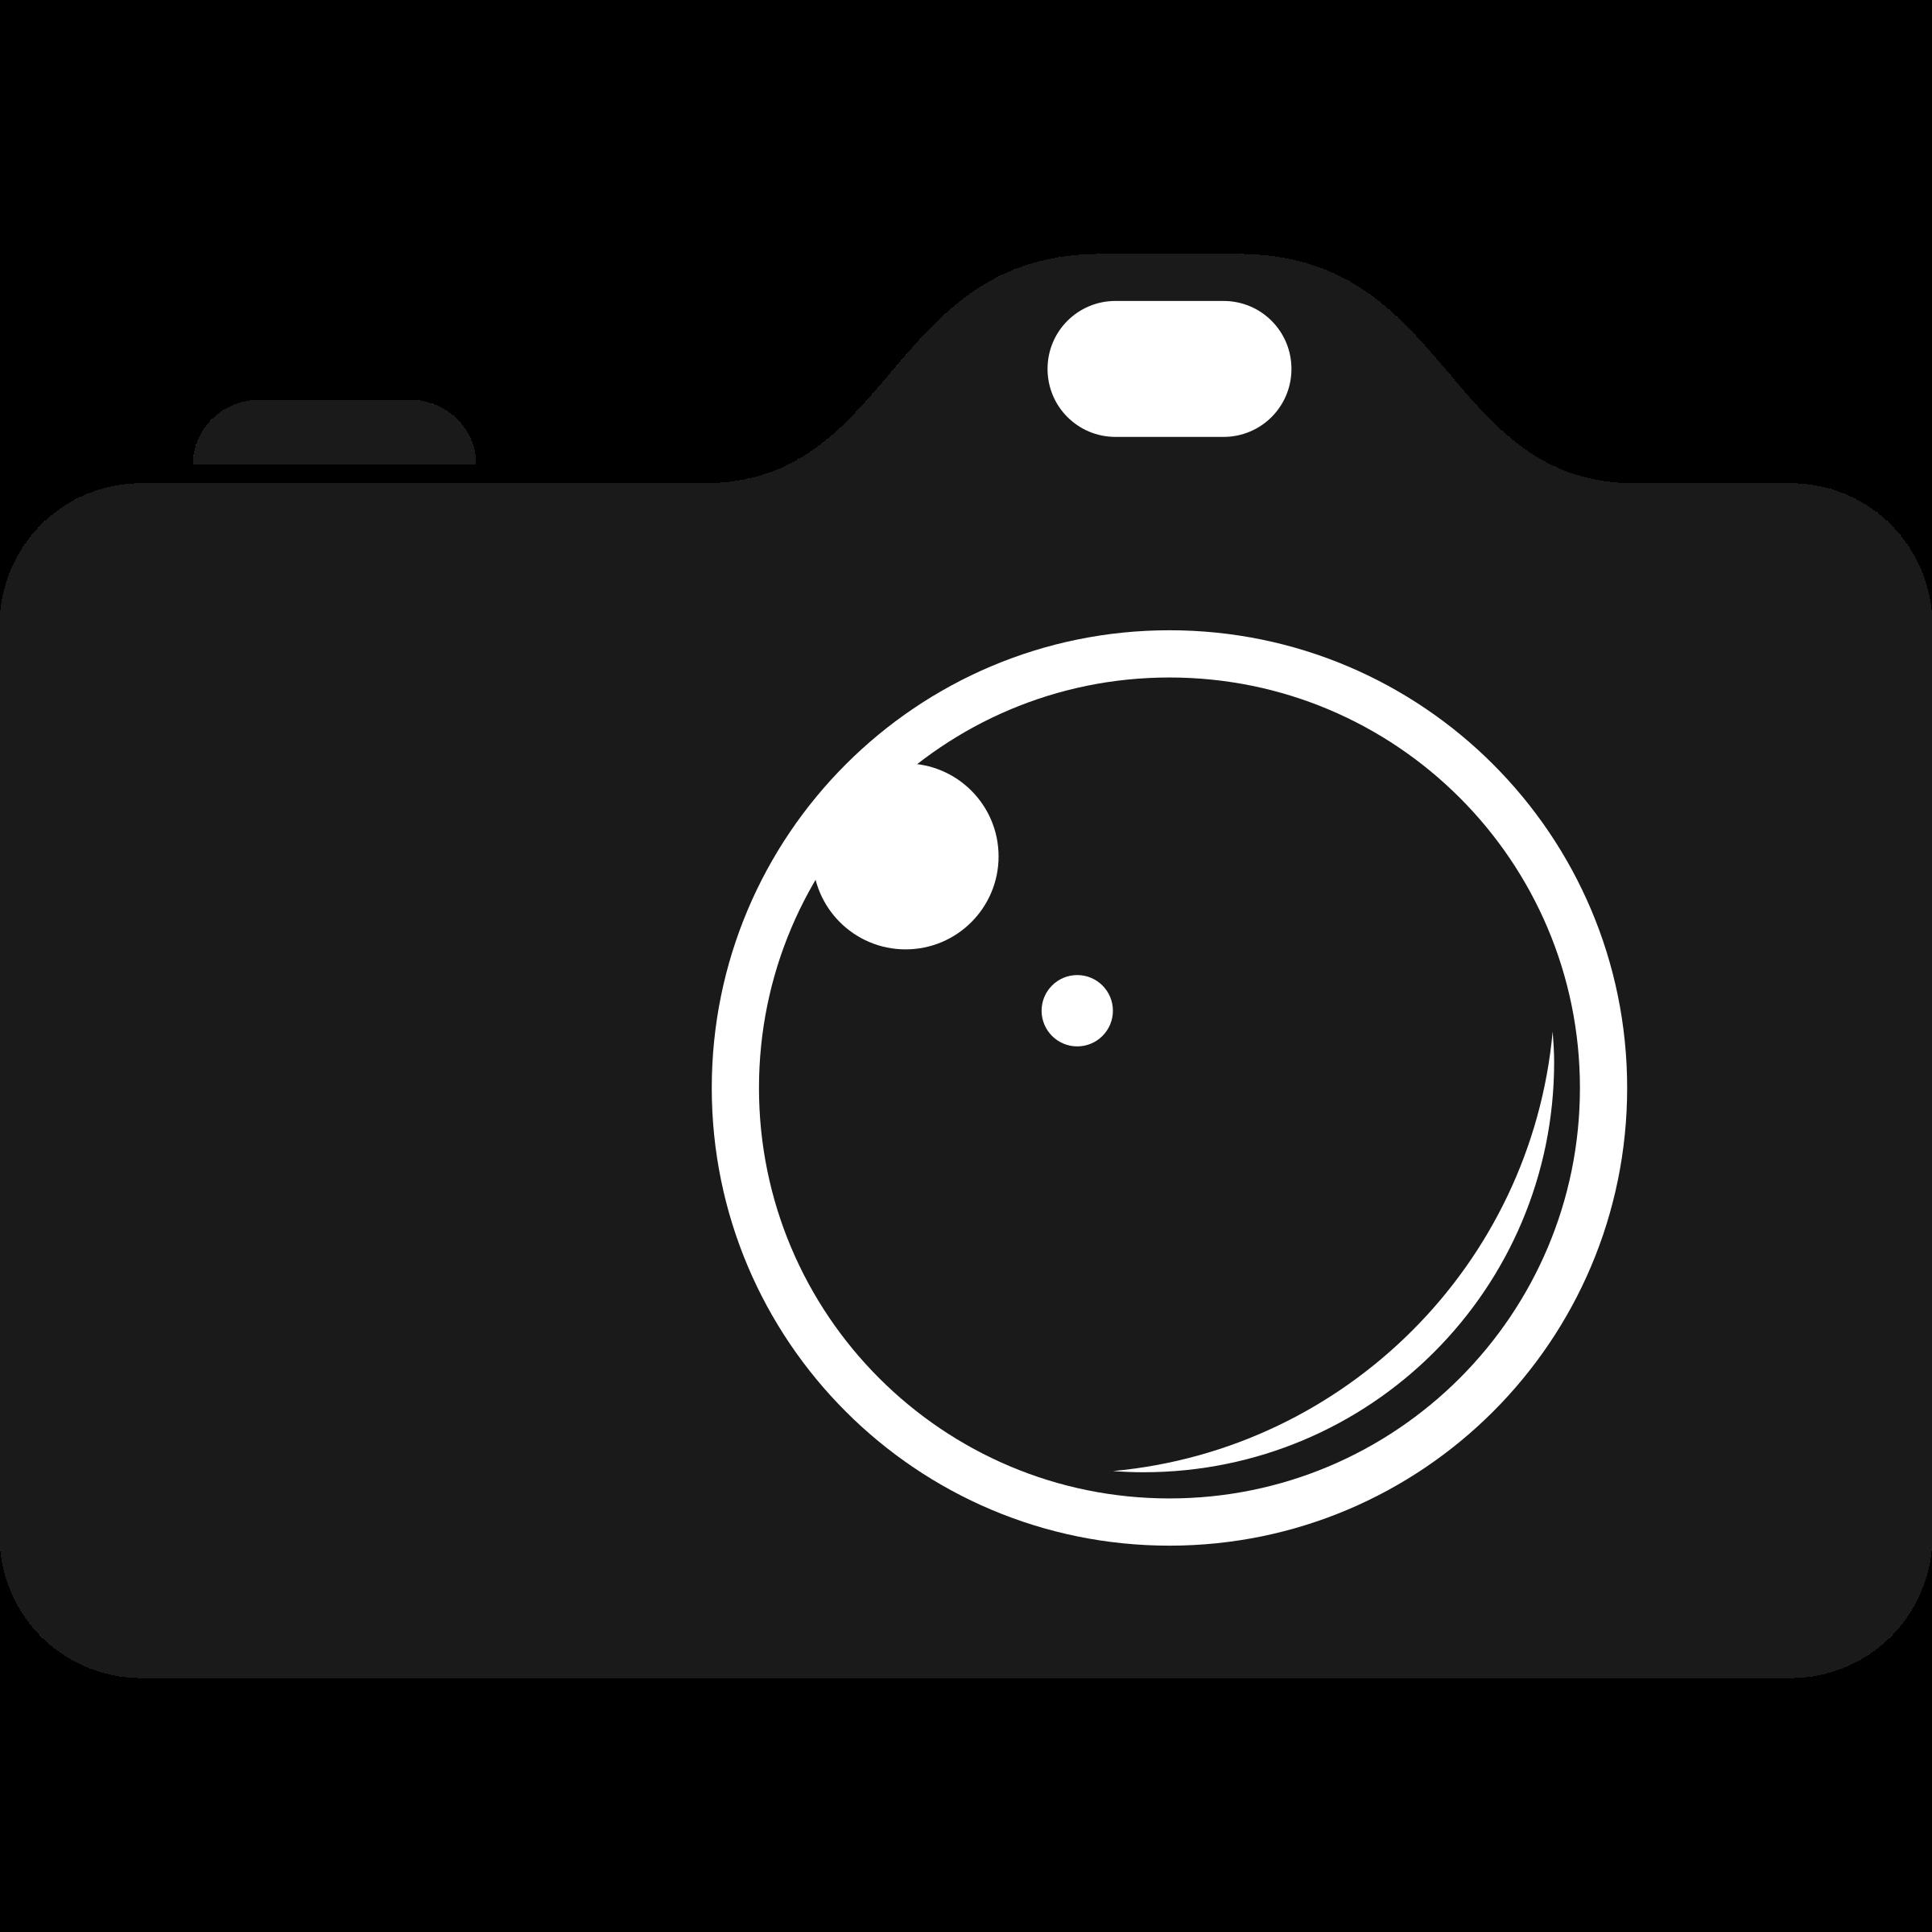 Camera Computer Icons Clip art.